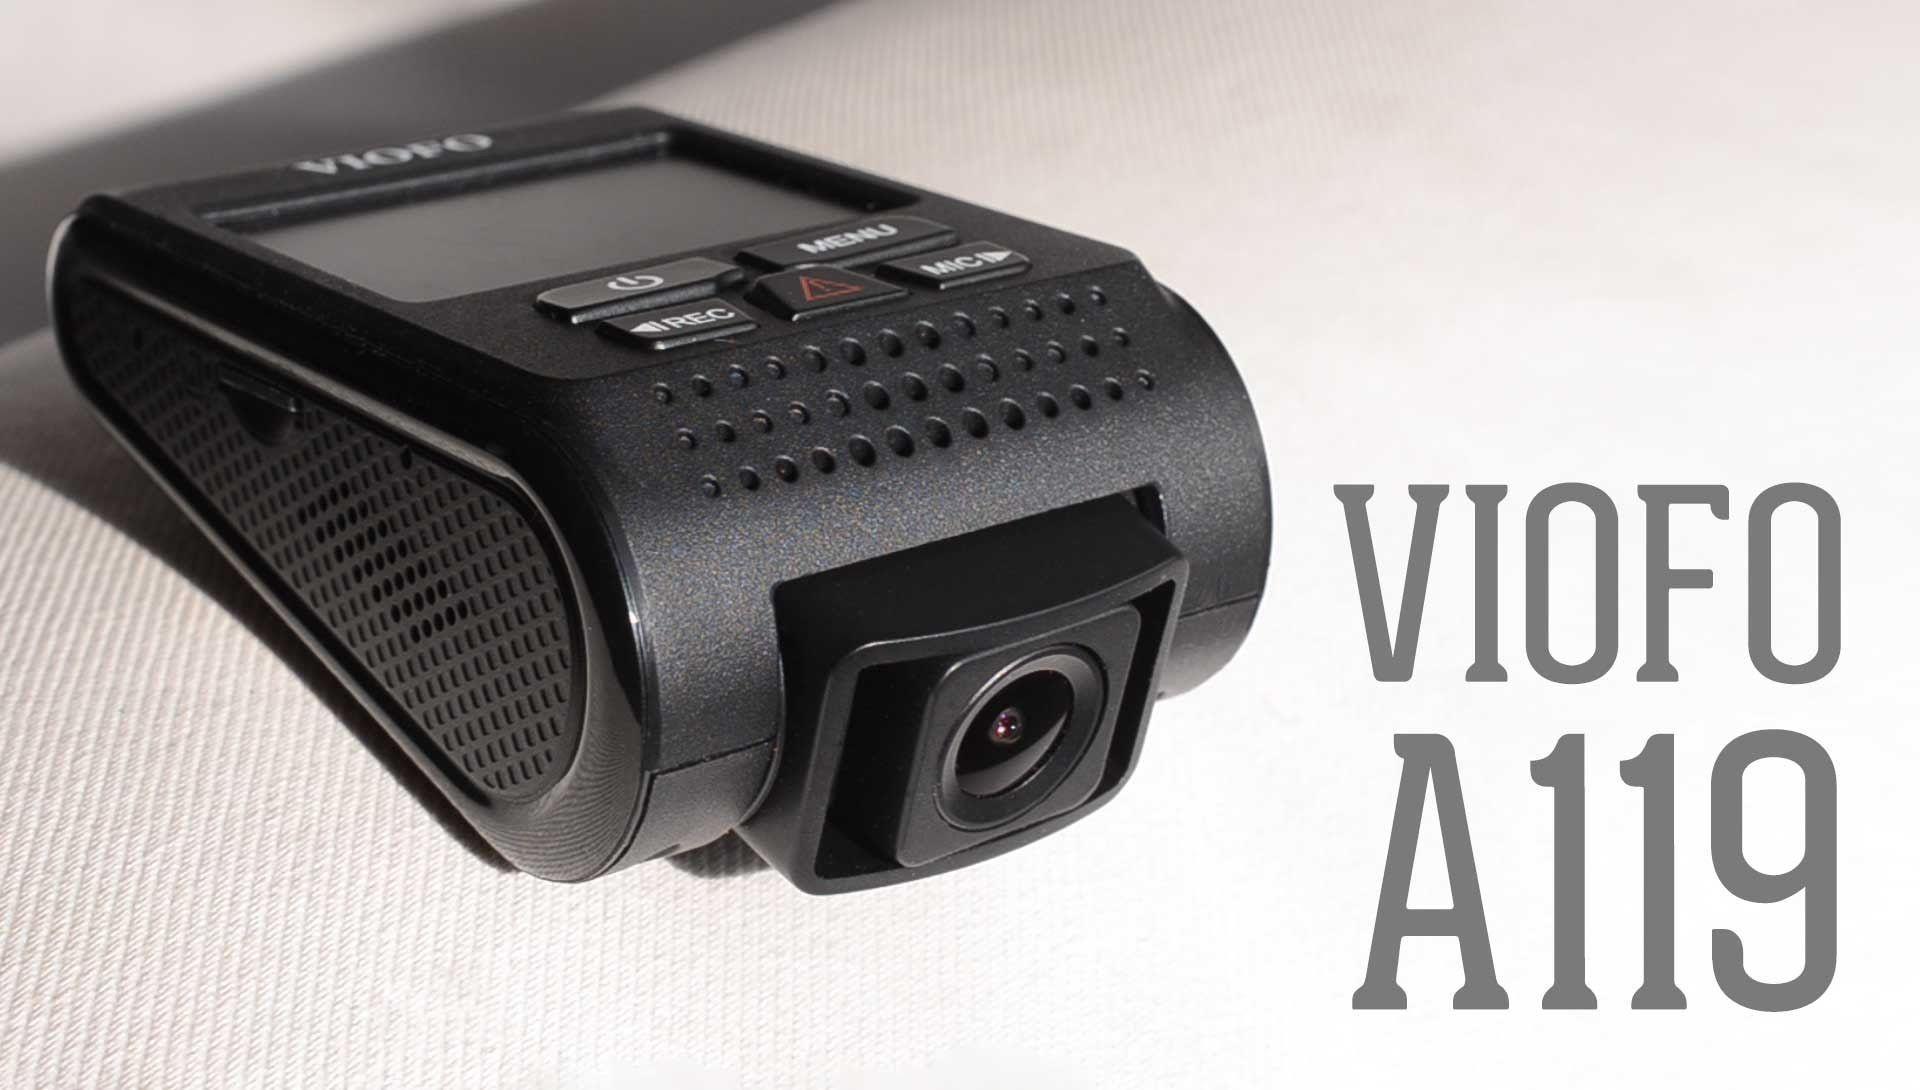 В плане съемки против контрового света Viofo A119 может сравниться с регистратором от Transcend DP220, у которого также хорошая картинка, когда приходится снимать против света.